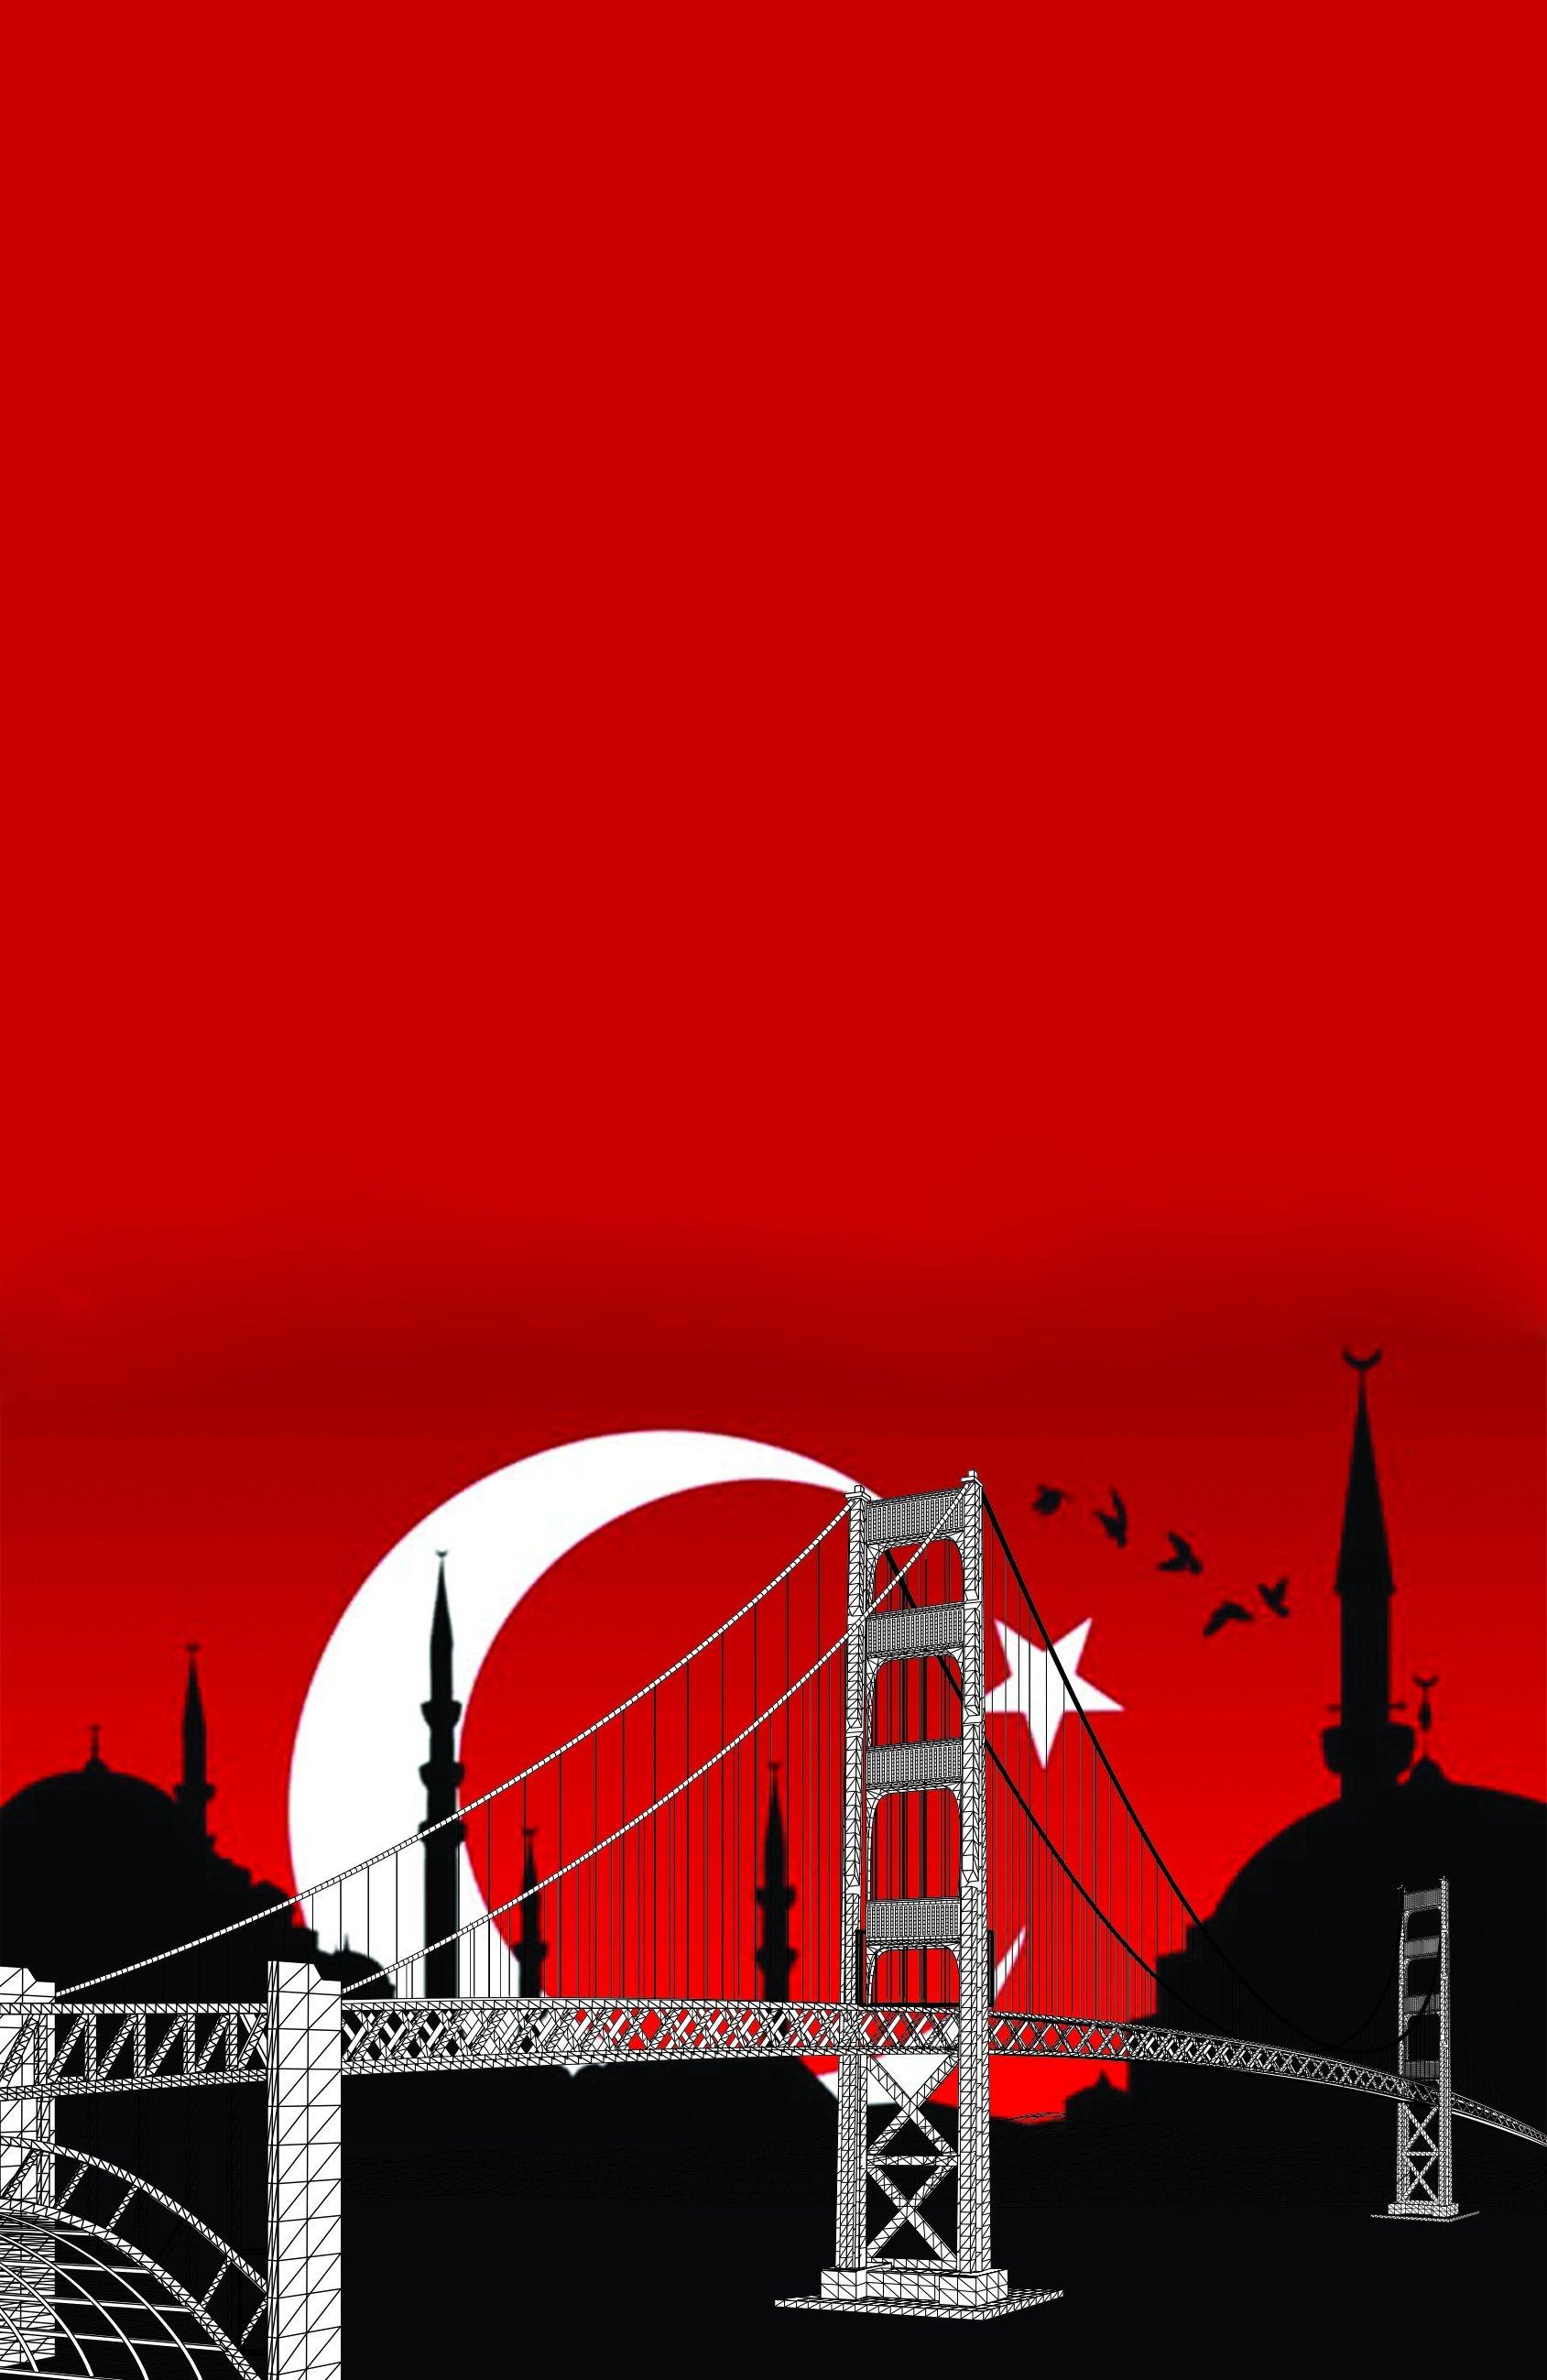 Η Τουρκία σήμερα: 14 τούρκοι συγγραφείς αναλύουν το χθες και το σήμερα της πραγματικής